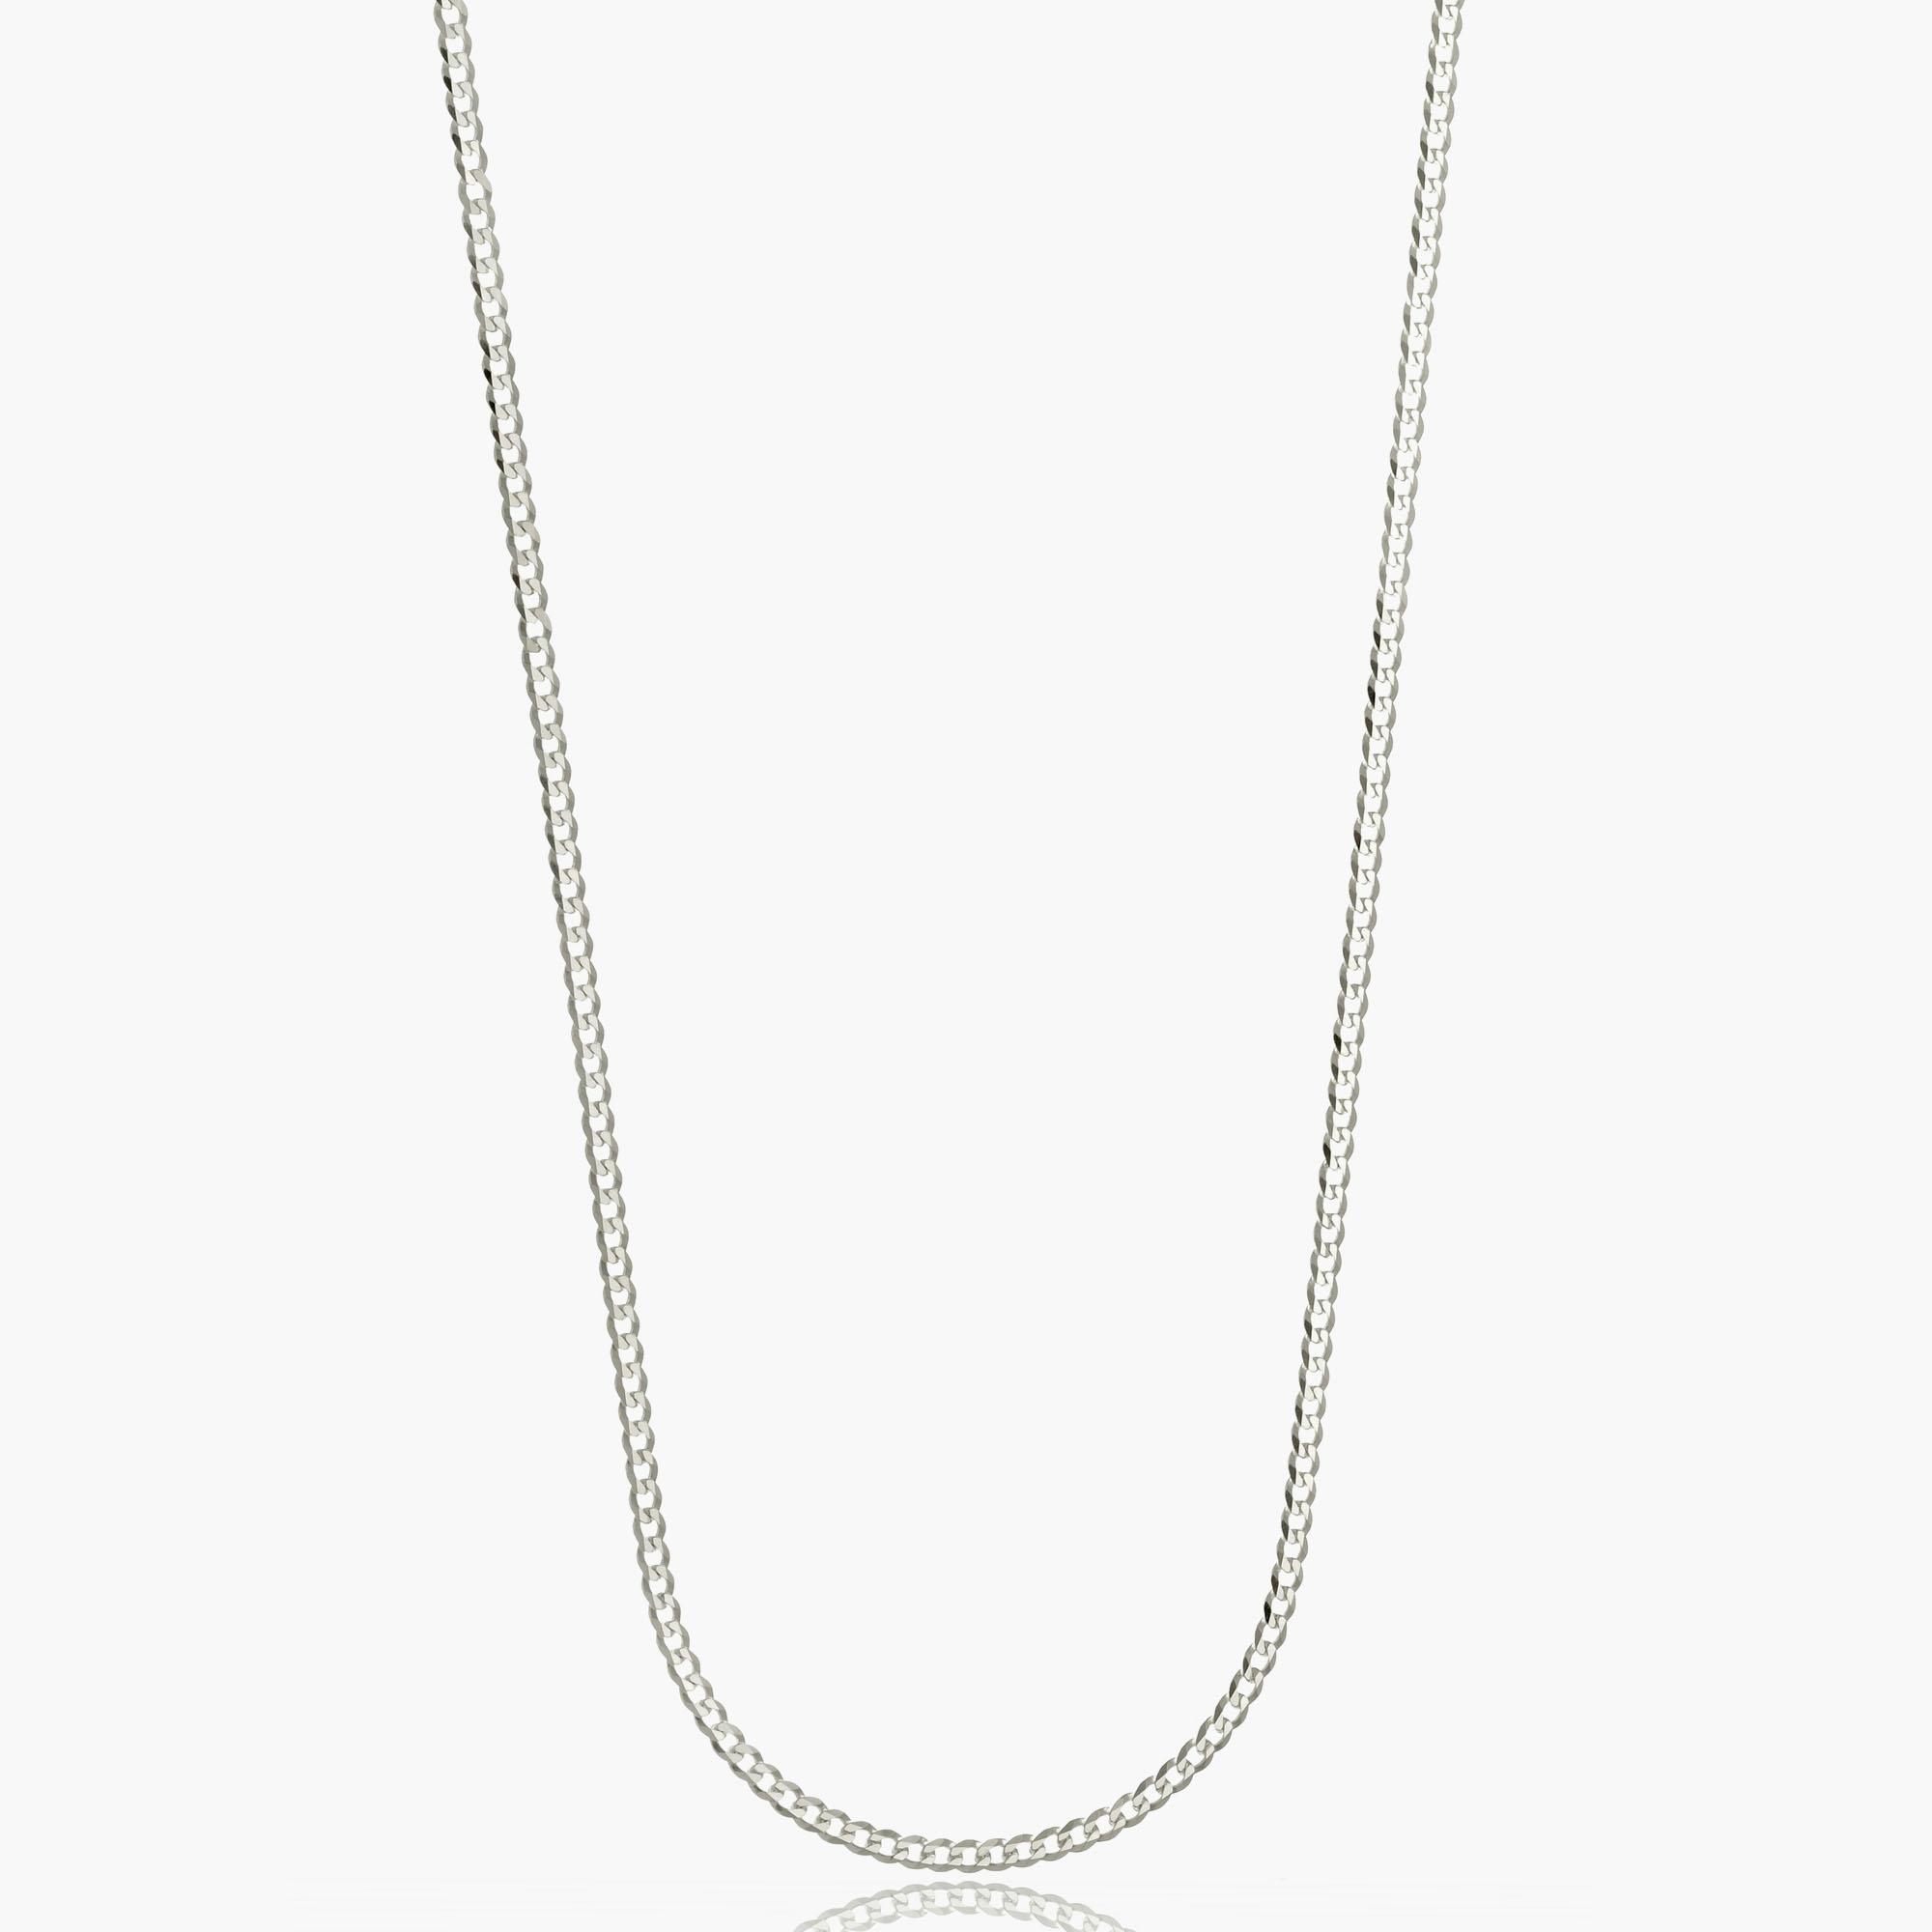 Corrente em Prata 925 Masculina  - Constelação Jóias